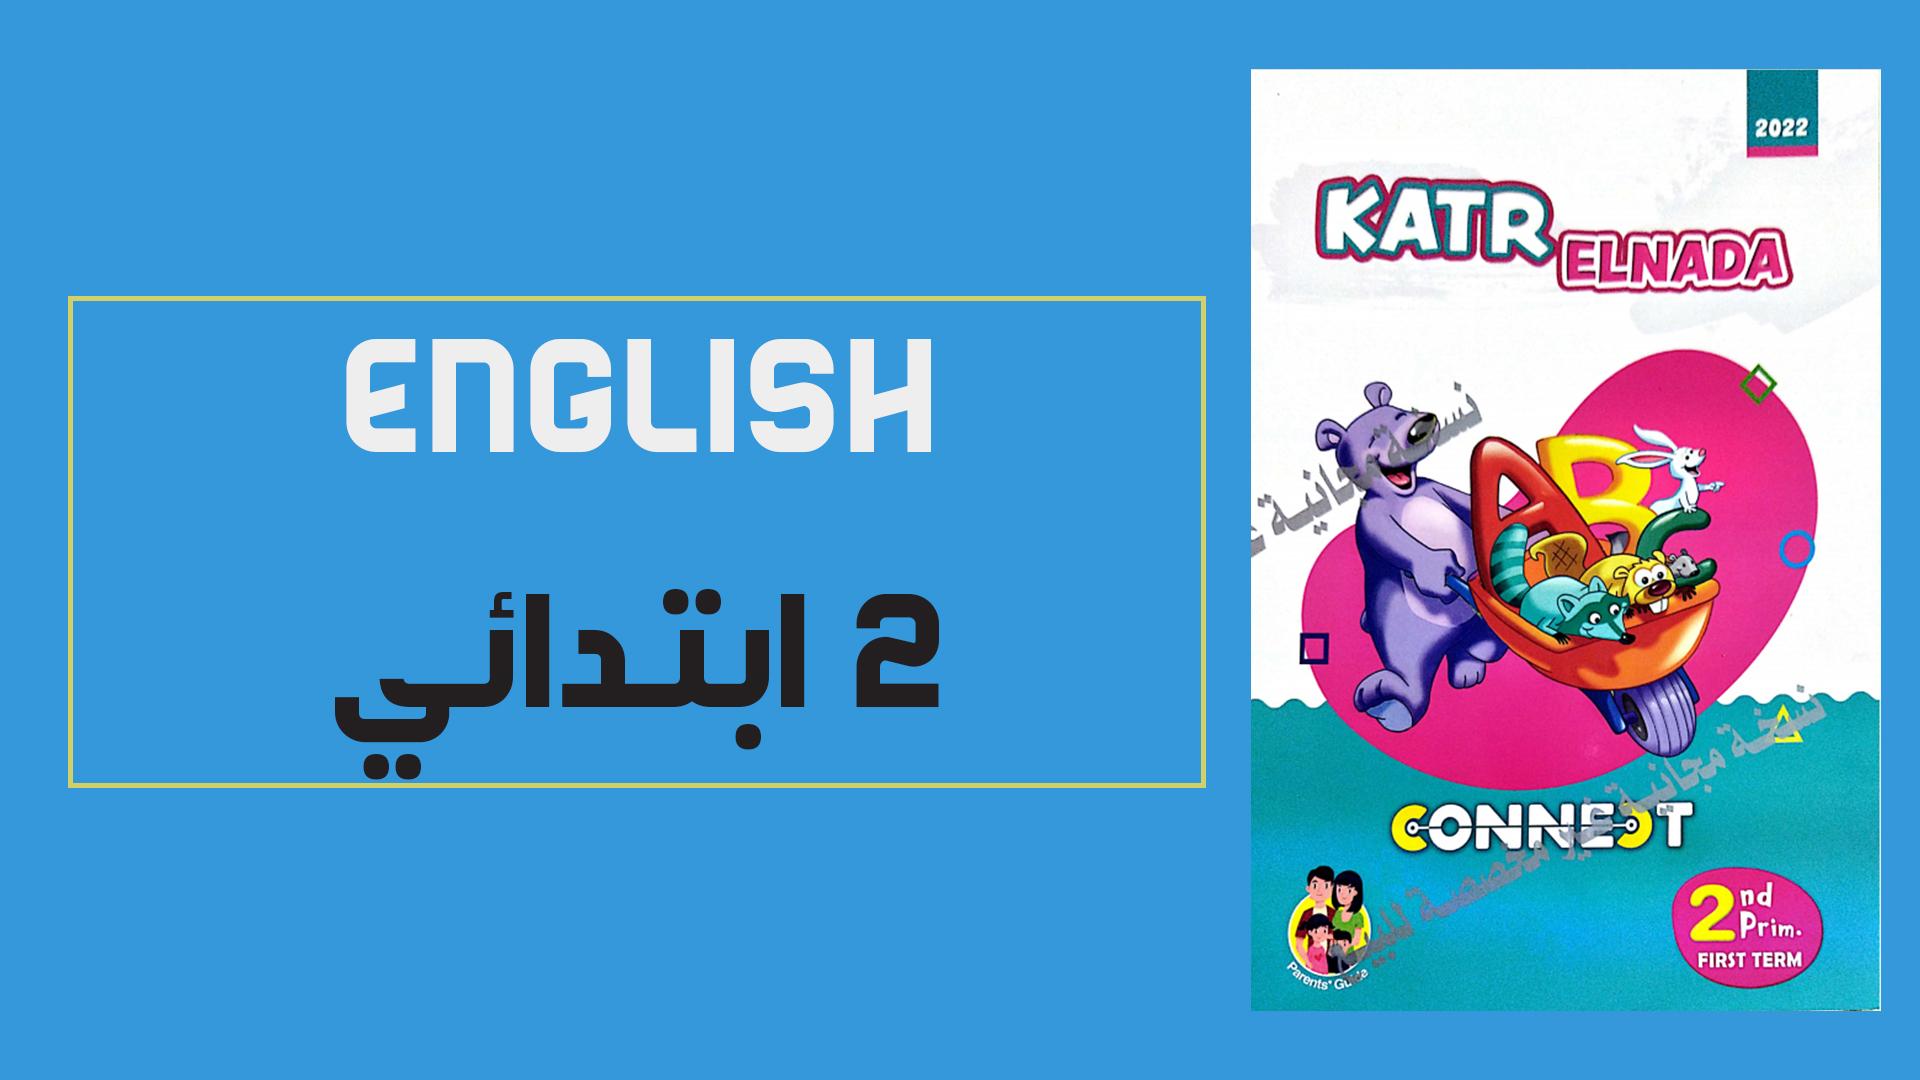 تحميل كتاب قطر الندى لغة انجليزية للصف الثانى الابتدائى الترم الاول 2022 (النسخة الجديدة)